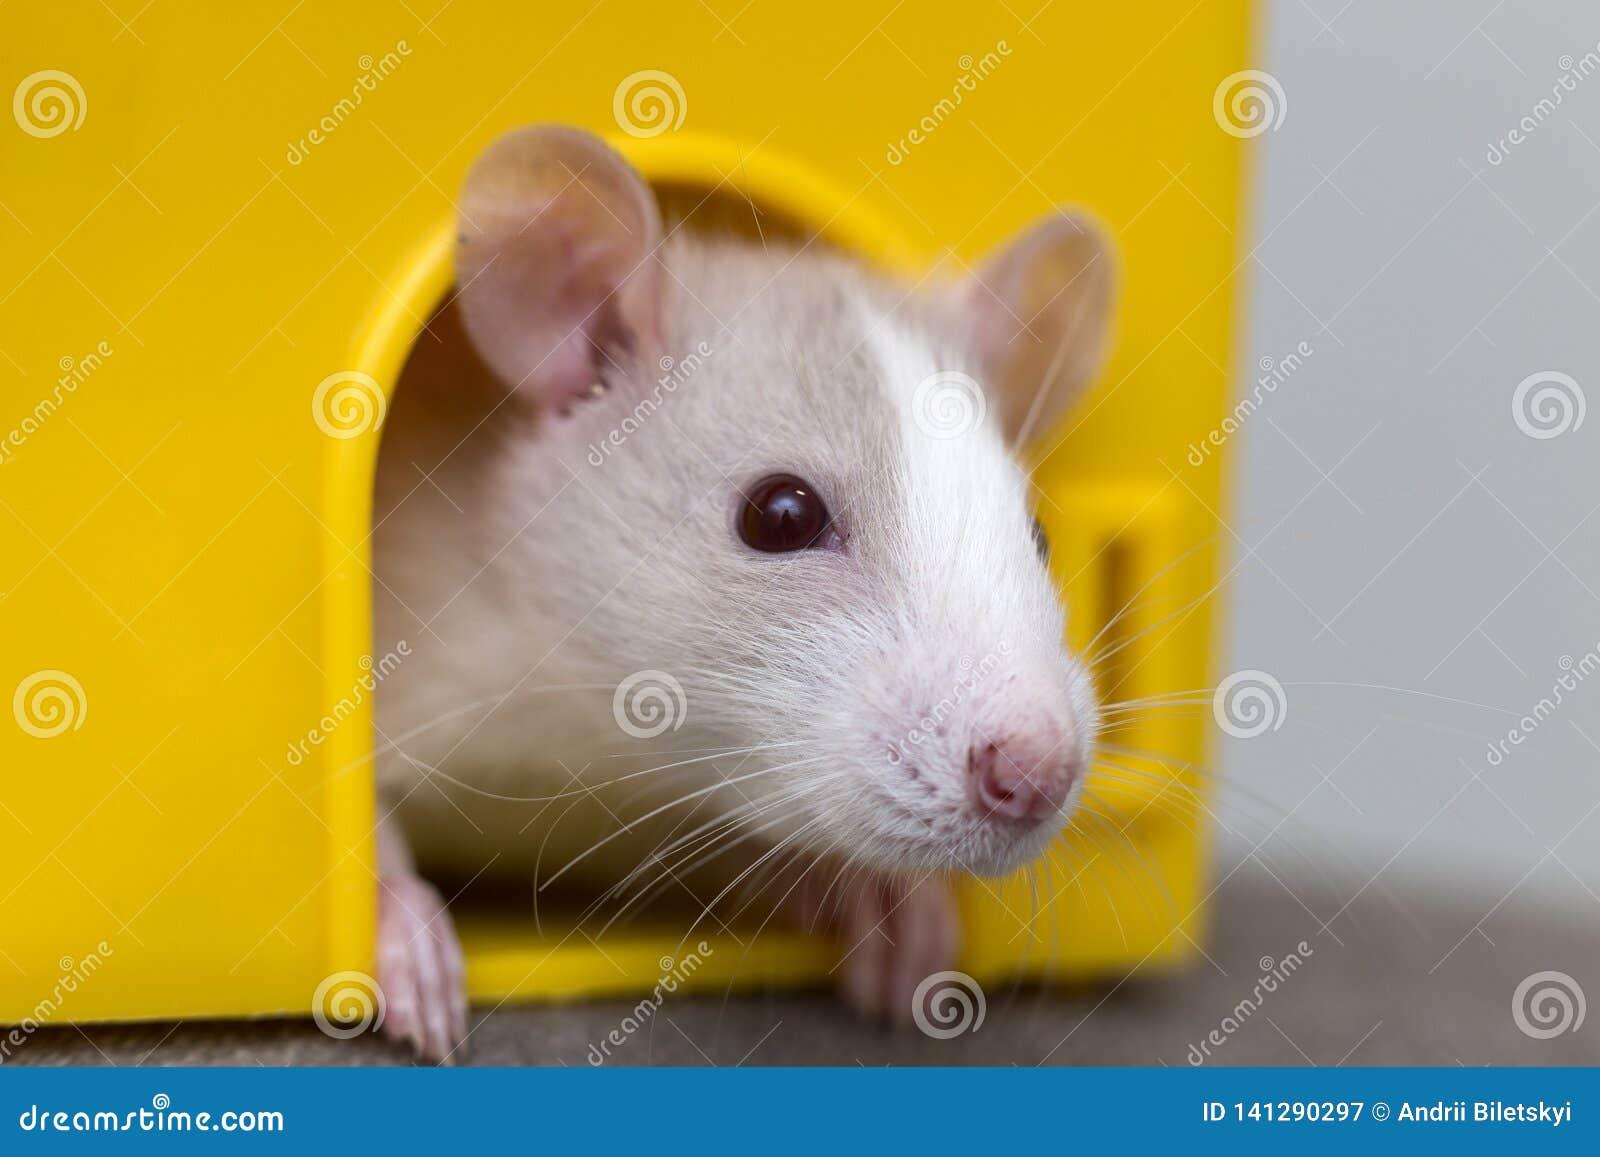 Giovane bambino curioso addomesticato bianco e grigio divertente del criceto del topo con gli occhi brillanti che guardano dalla